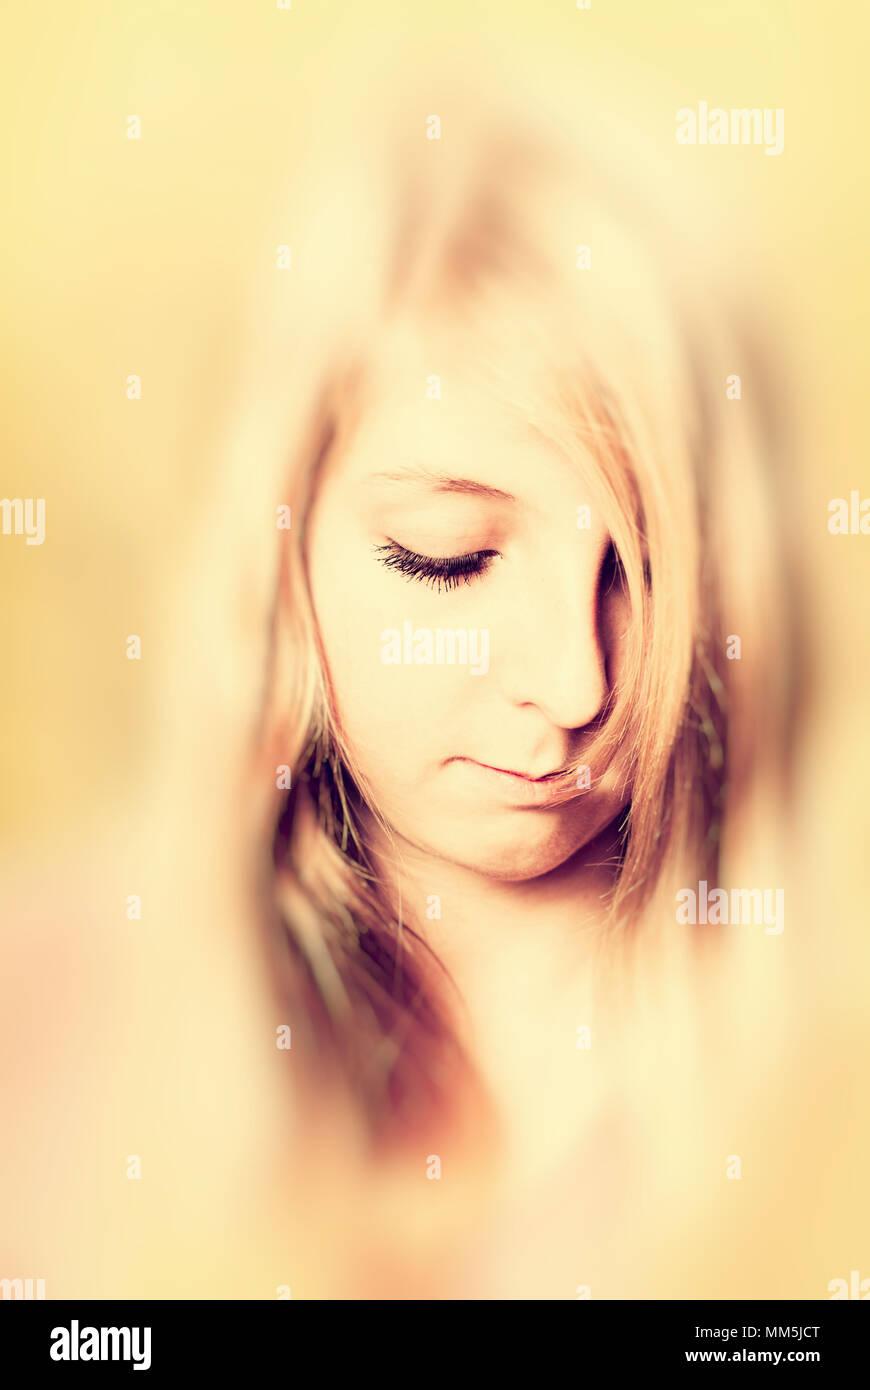 Blonde Mädchen mit langen Haaren und nachdenklicher Ausdruck und ätherisch mit Vignette Blur Stockbild